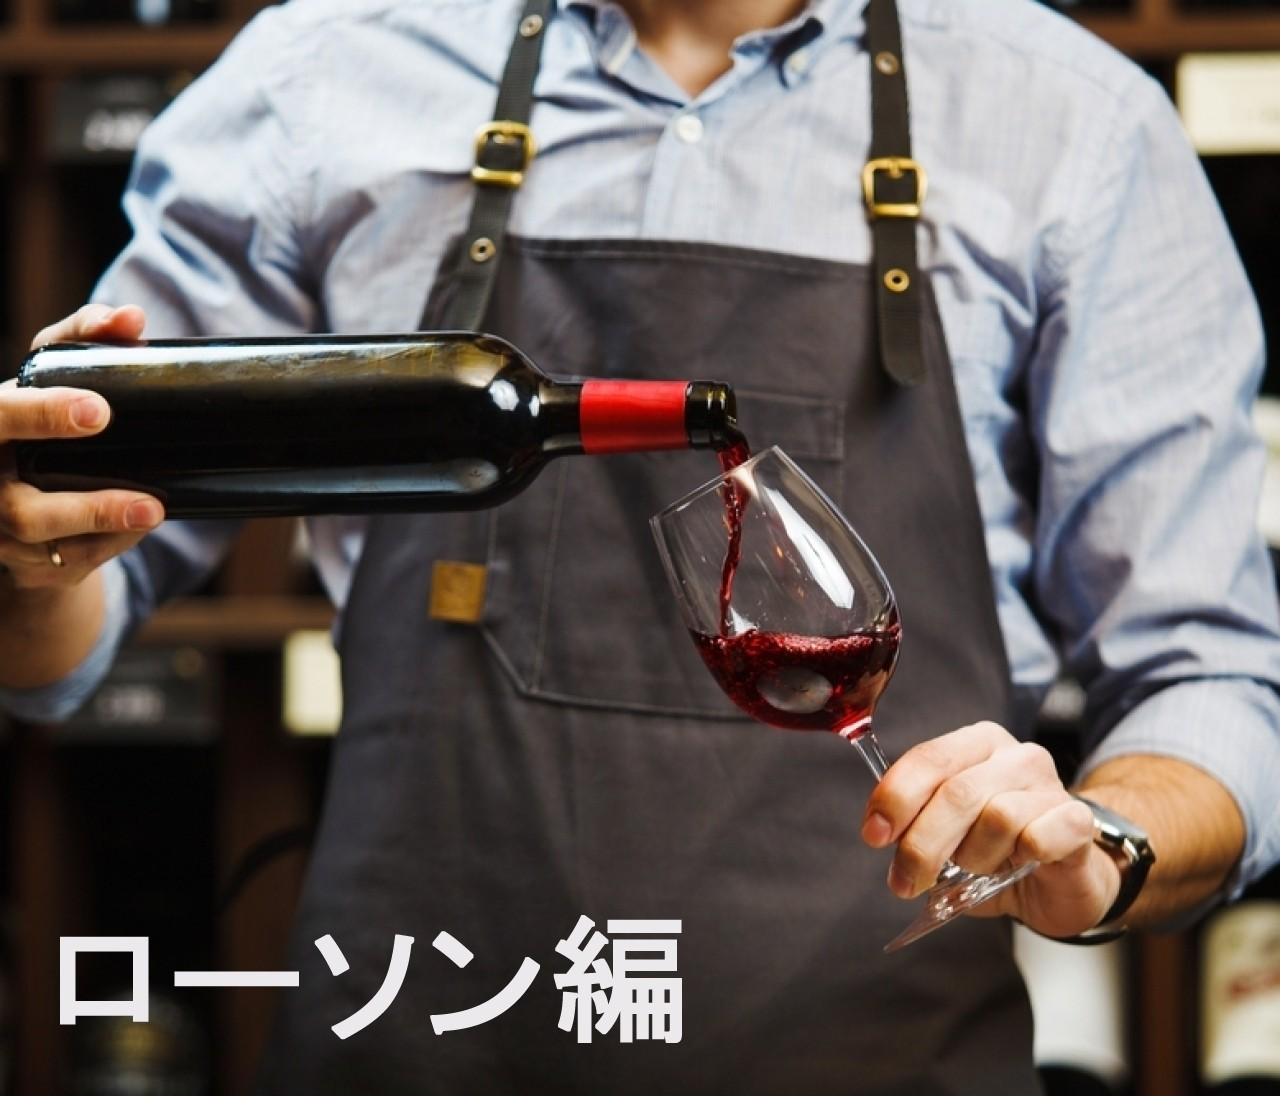 【ソムリエ監修】ご近所で買えるおすすめおうちワイン#3【ローソン編】